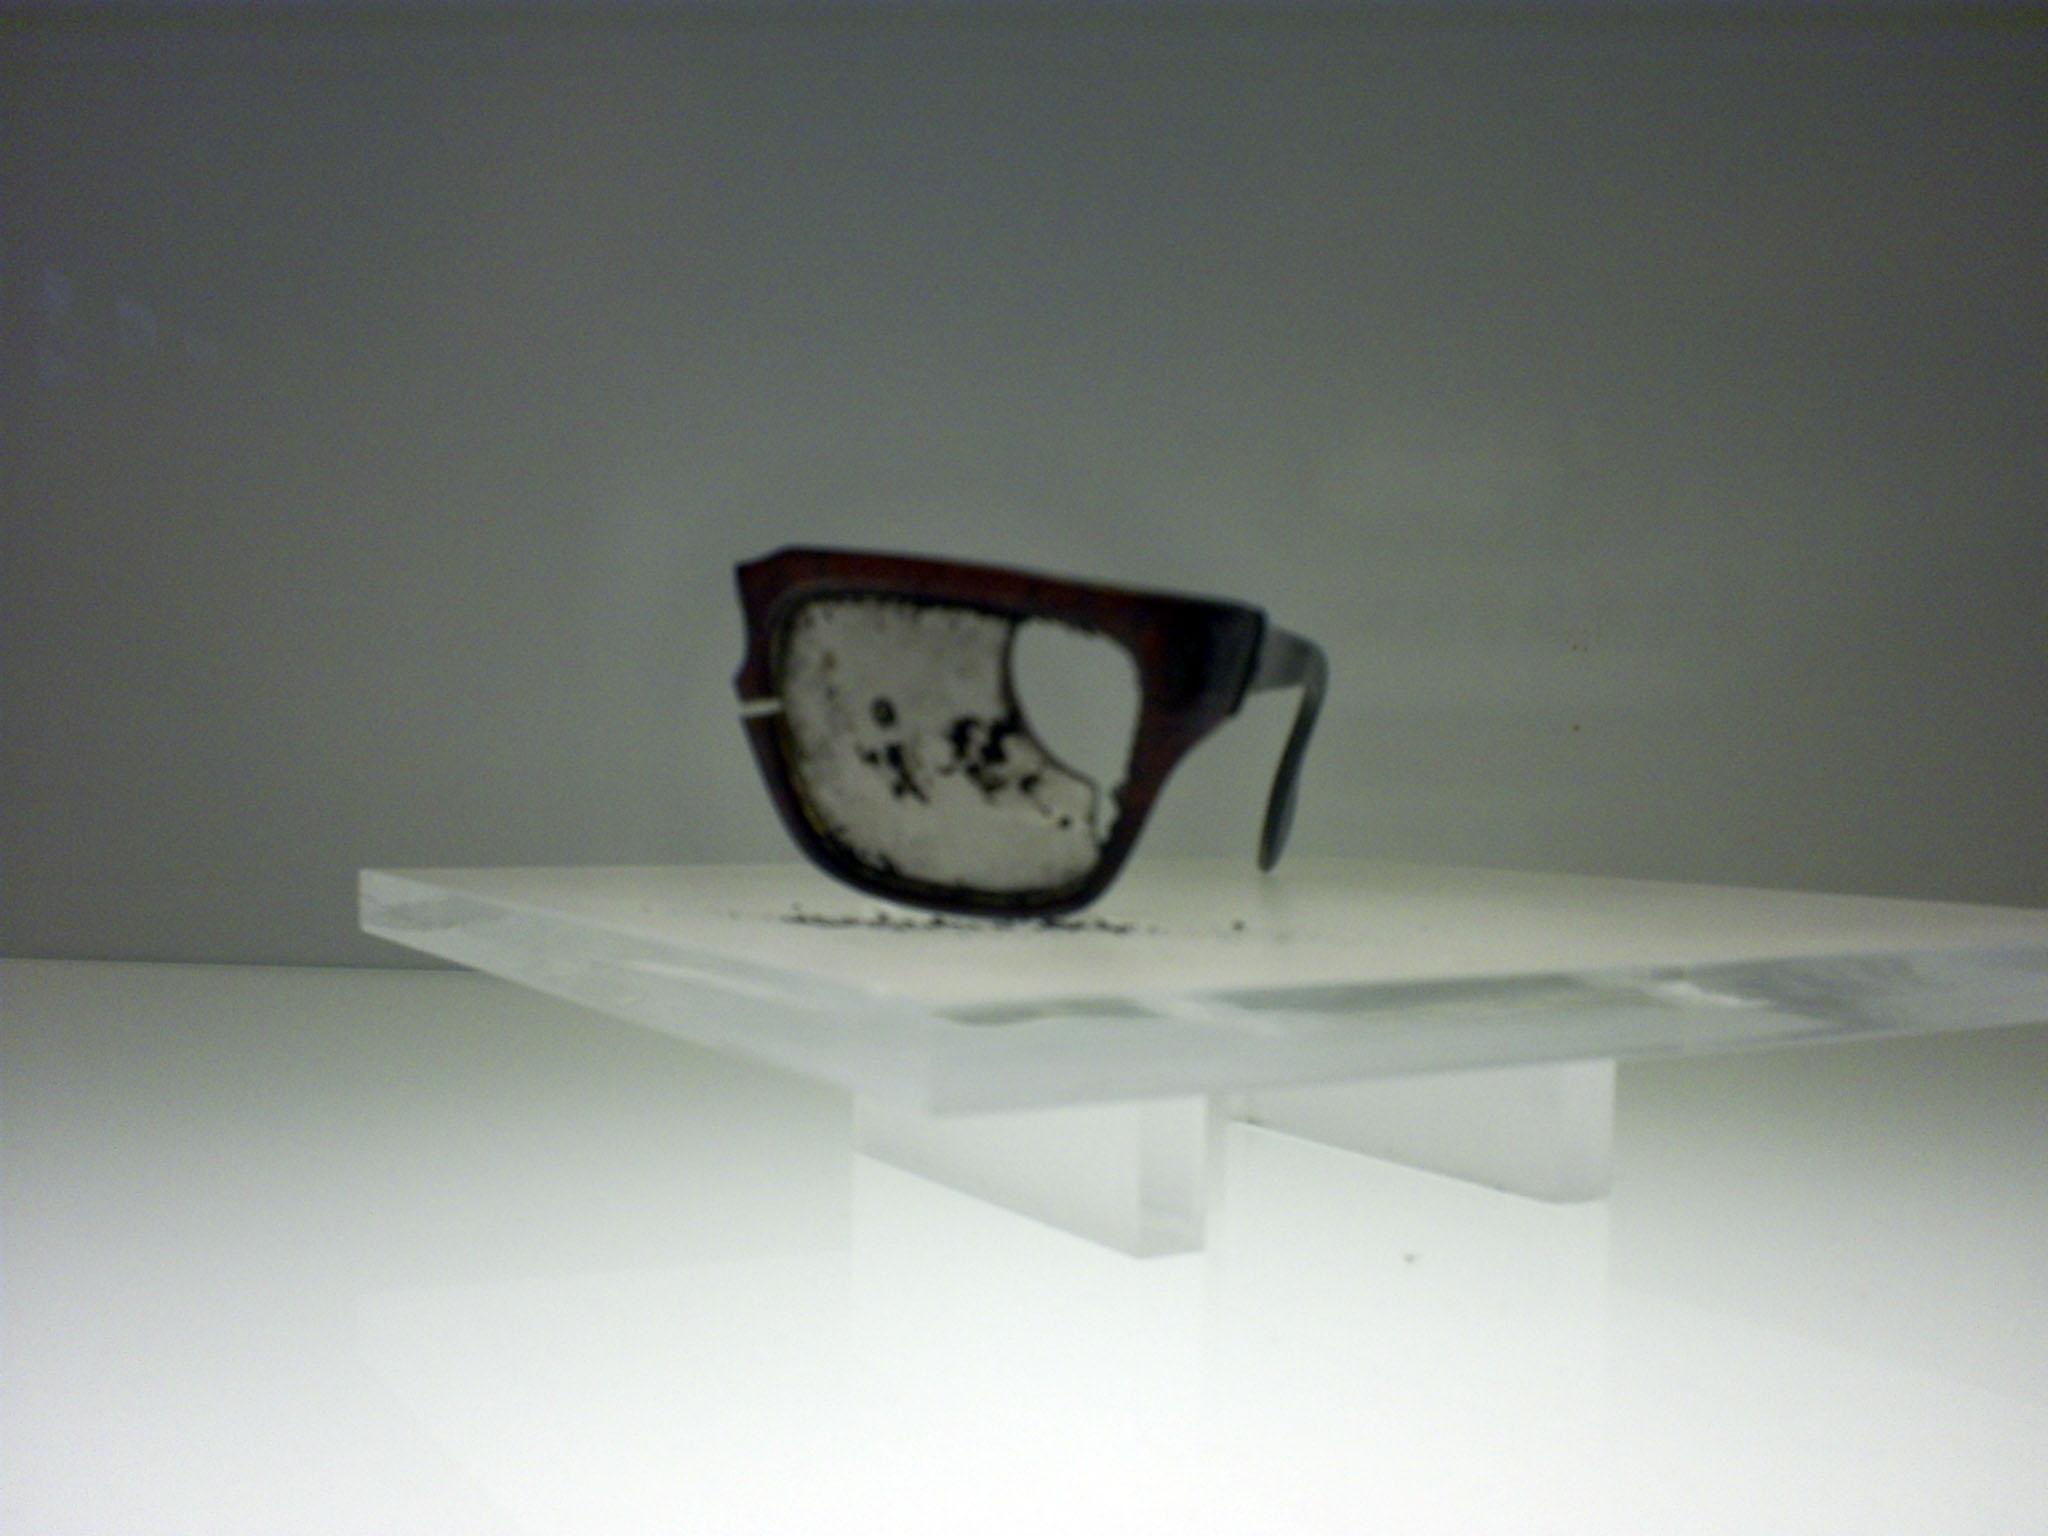 Gafas de Salvador Allende, encontradas en el Palacio de la Moneda, tras el bombardeo.